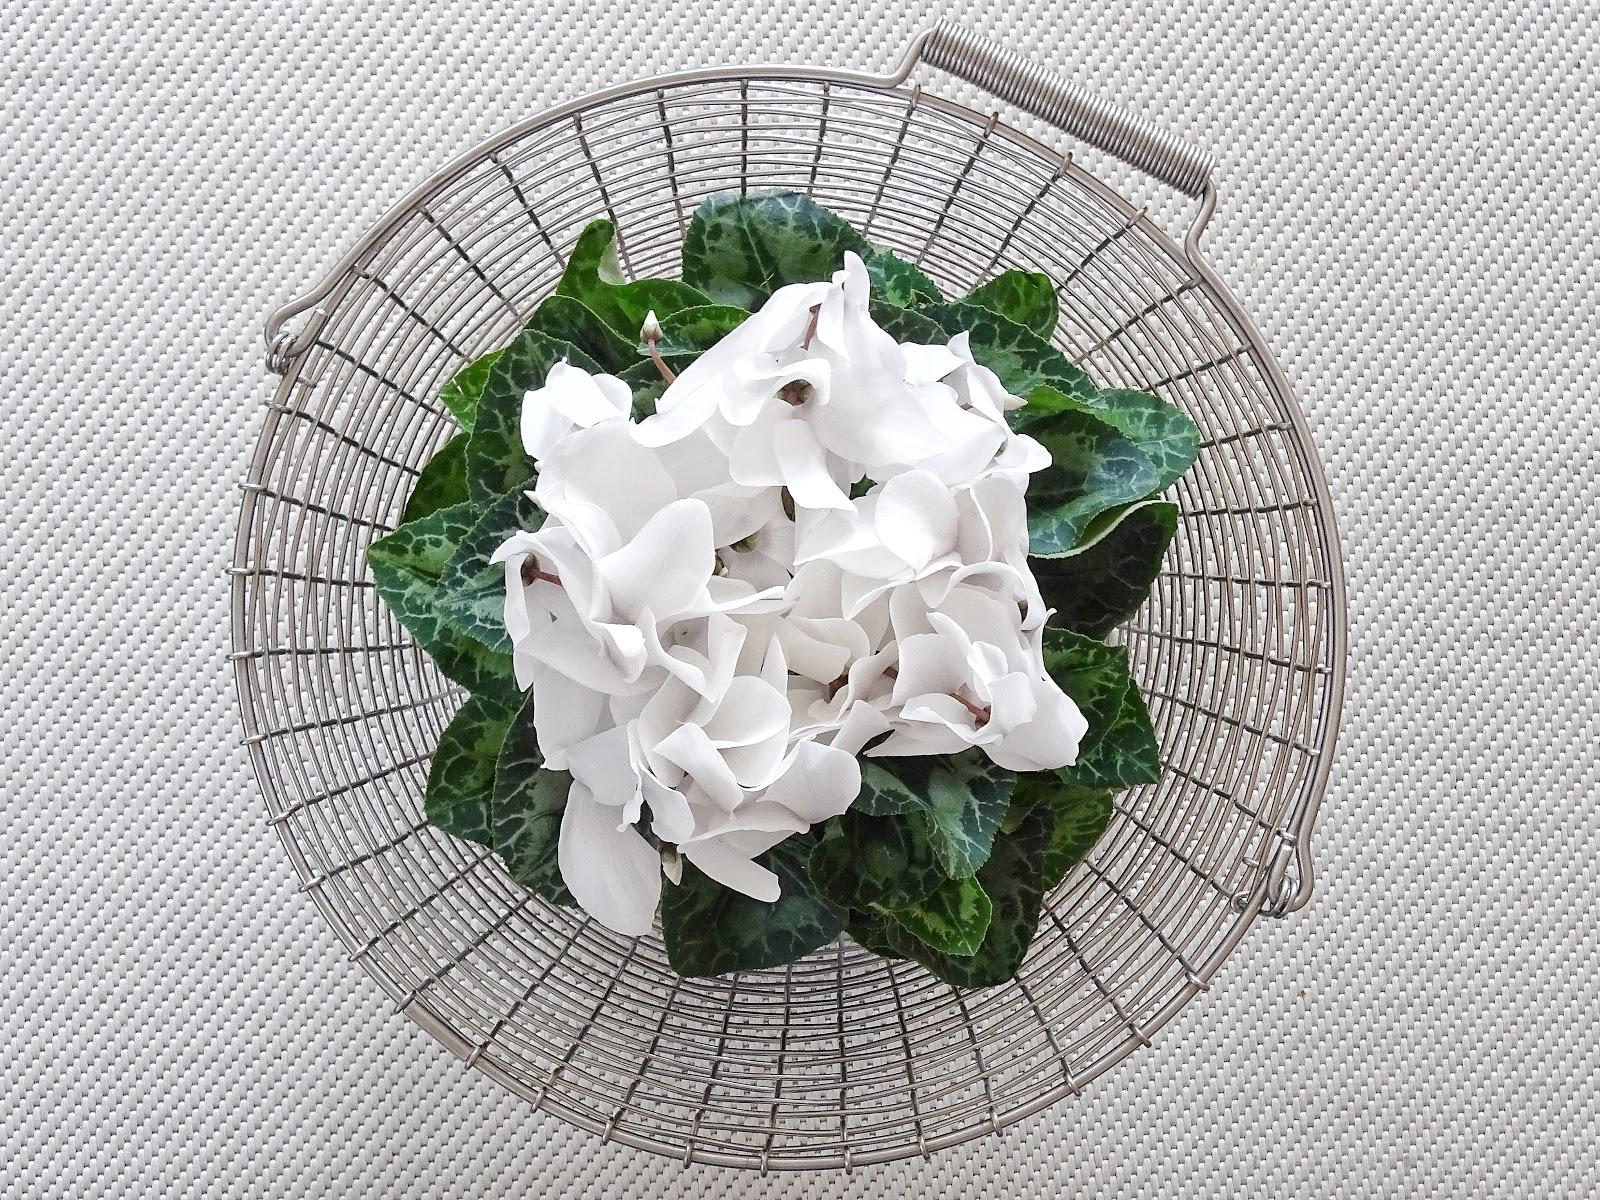 Weißes Alpenveilchen modern im Drahtkorb dekoriert - Fotoaktion #12von12 und 1 Tag in 12 Bildern - https://mammilade.blogspot.de